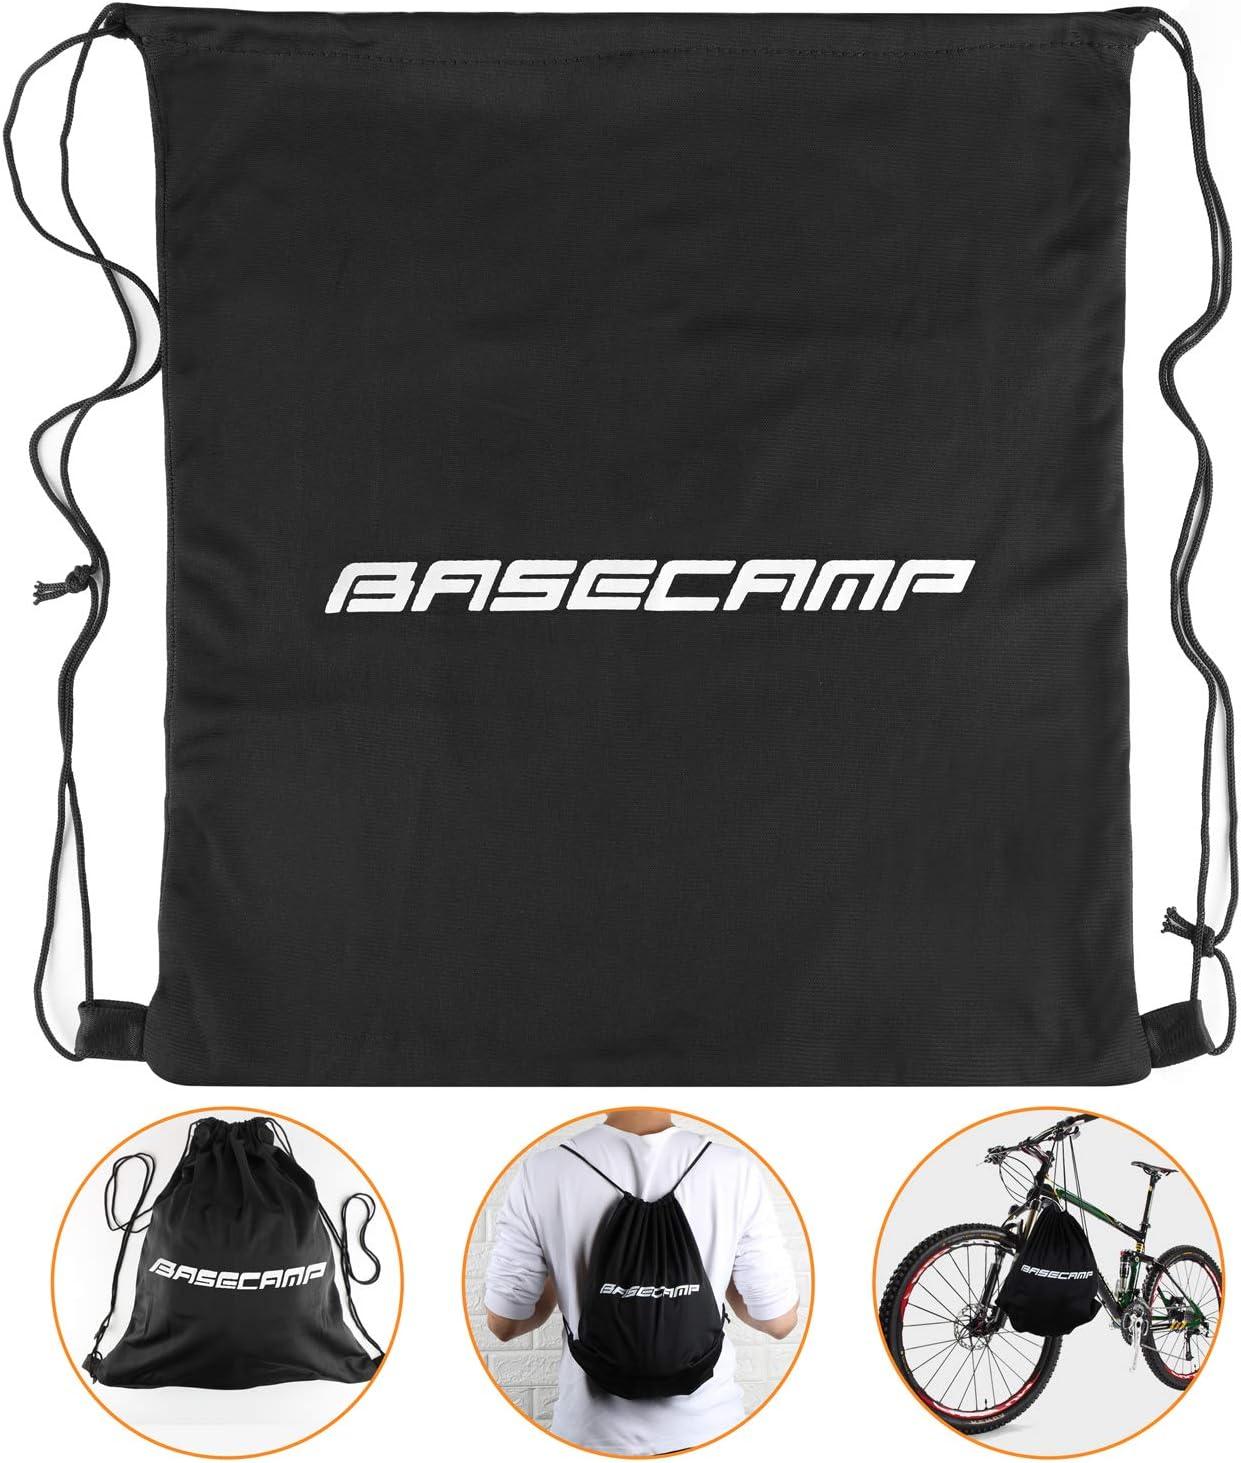 KINGLEAD Casco Bicicleta con Visera Protecci/ón de Seguridad Ajustable Casco de Bicicleta Ligera para Montar en Bicicleta Casco de Bicicleta BMX Scooter Skate Mountain Road